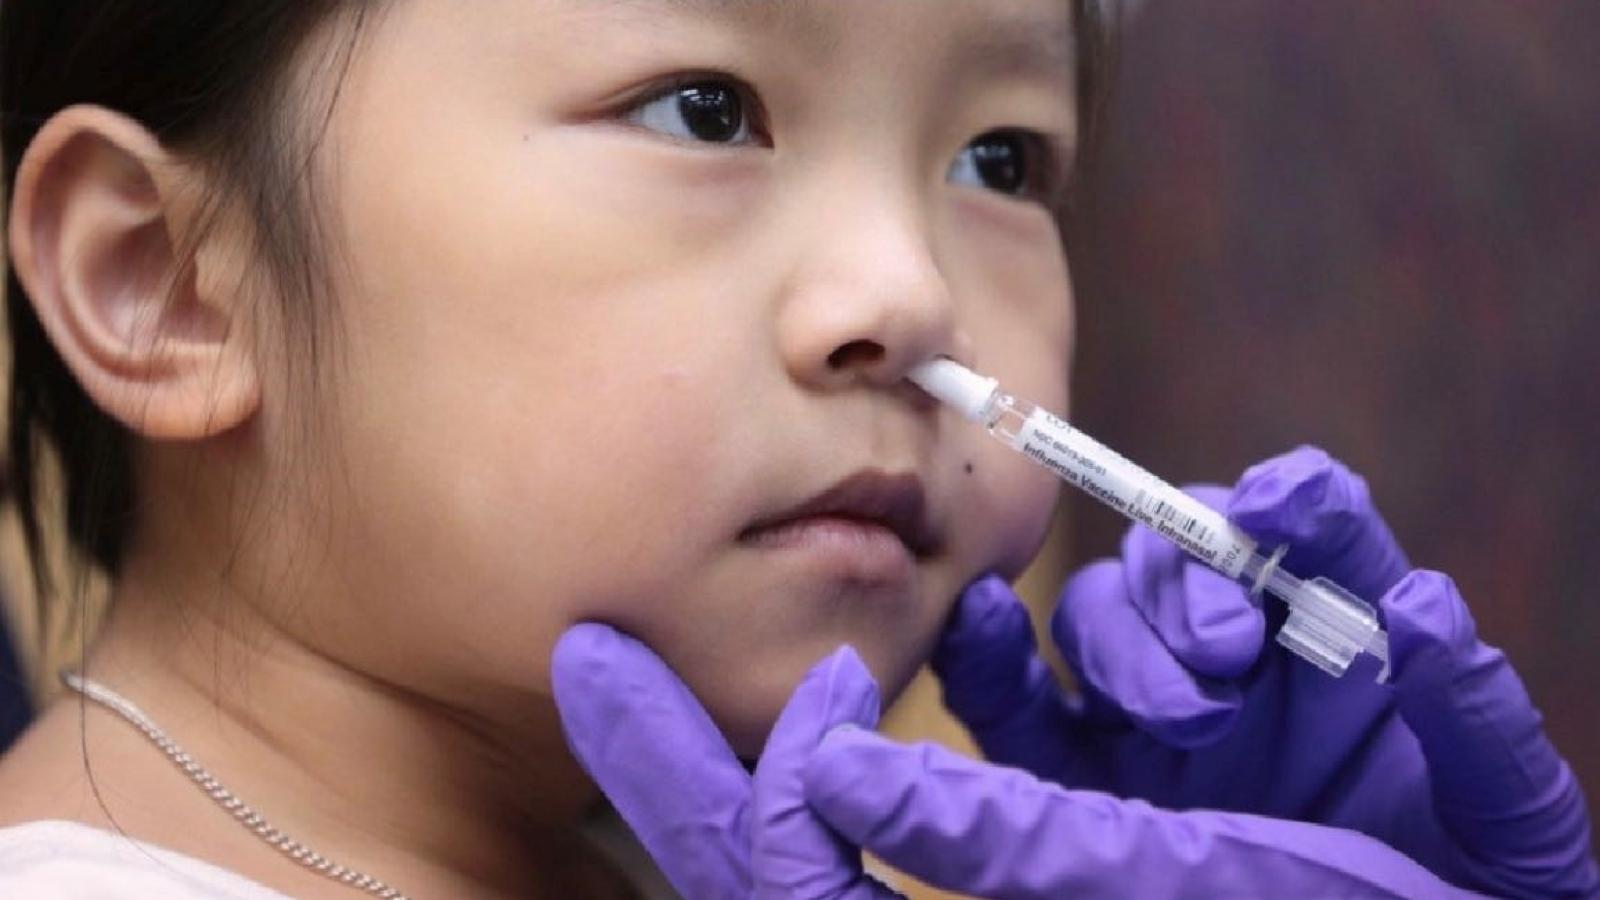 Trung Quốc sẽ thử nghiệm lâm sàng vaccine Covid-19 dạng xịt mũi